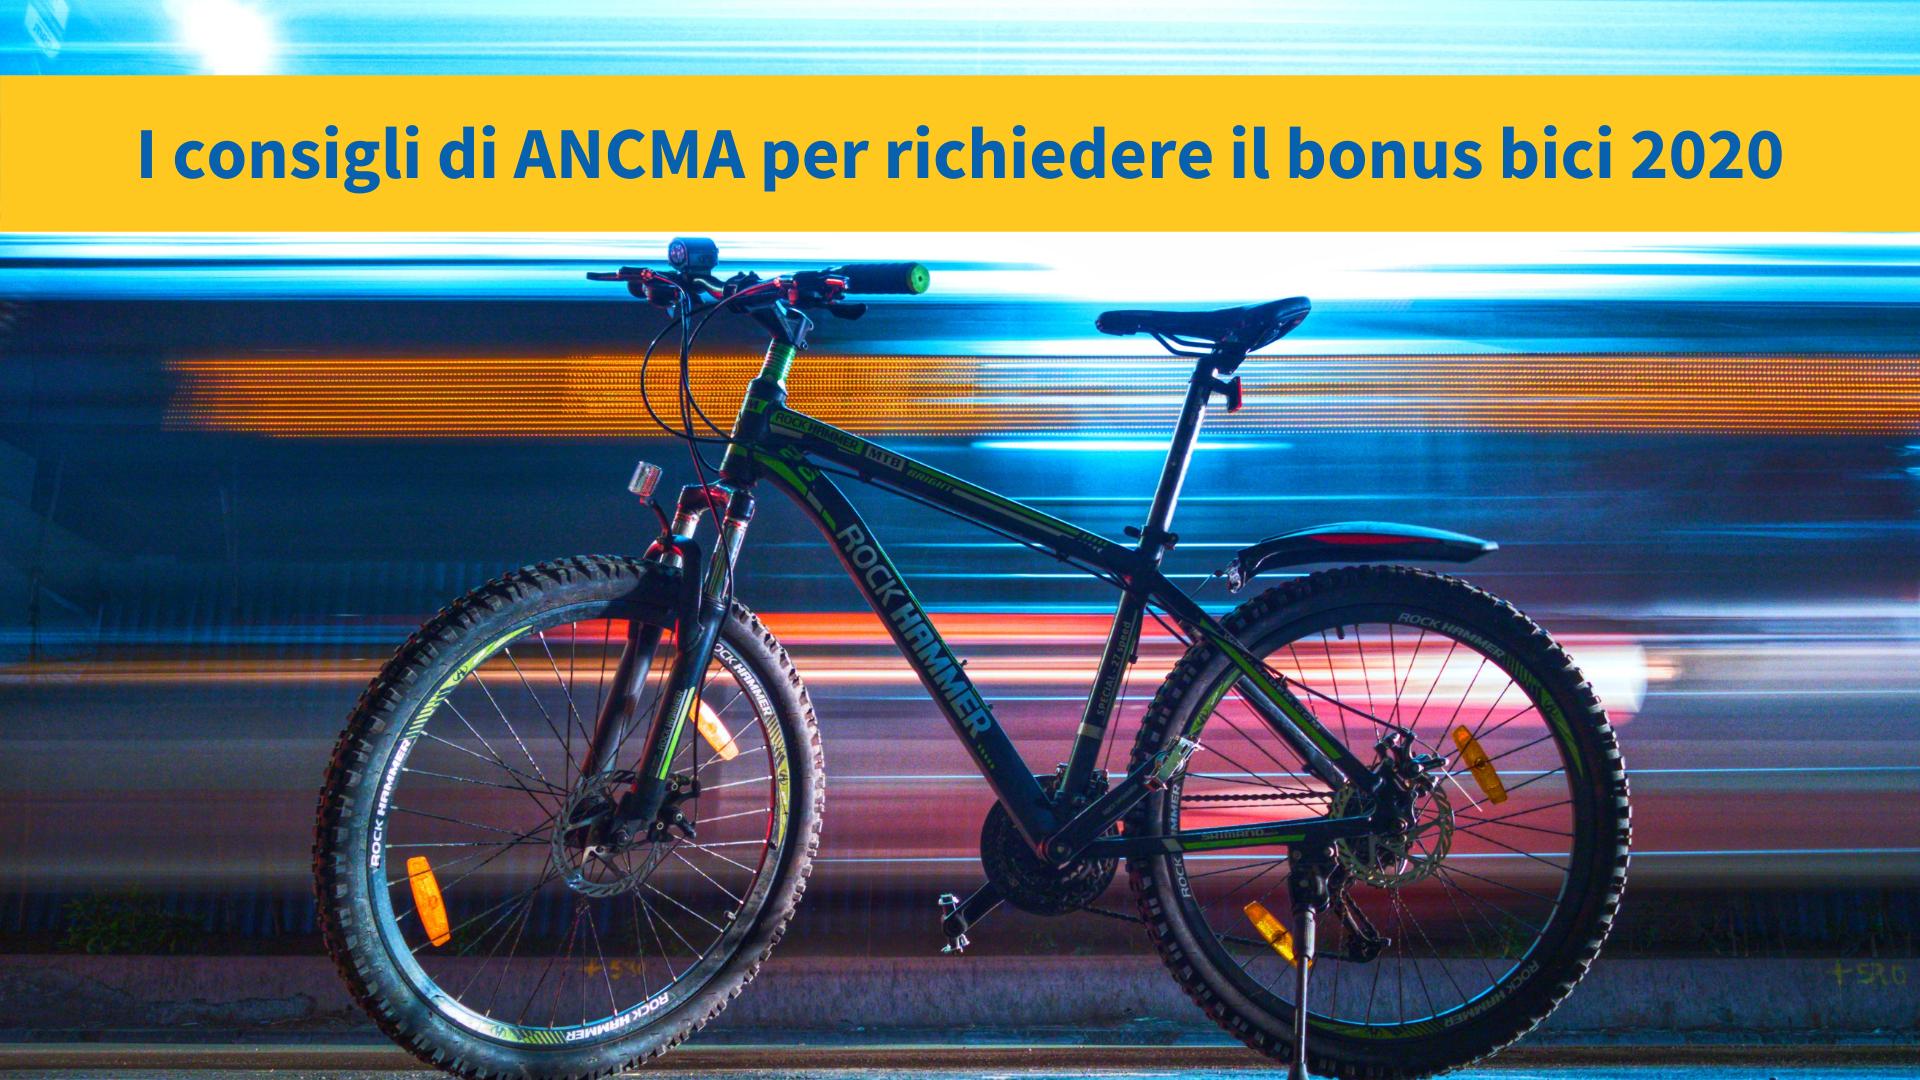 Come richiedere il bonus bici 2020: i consigli di ANCMA